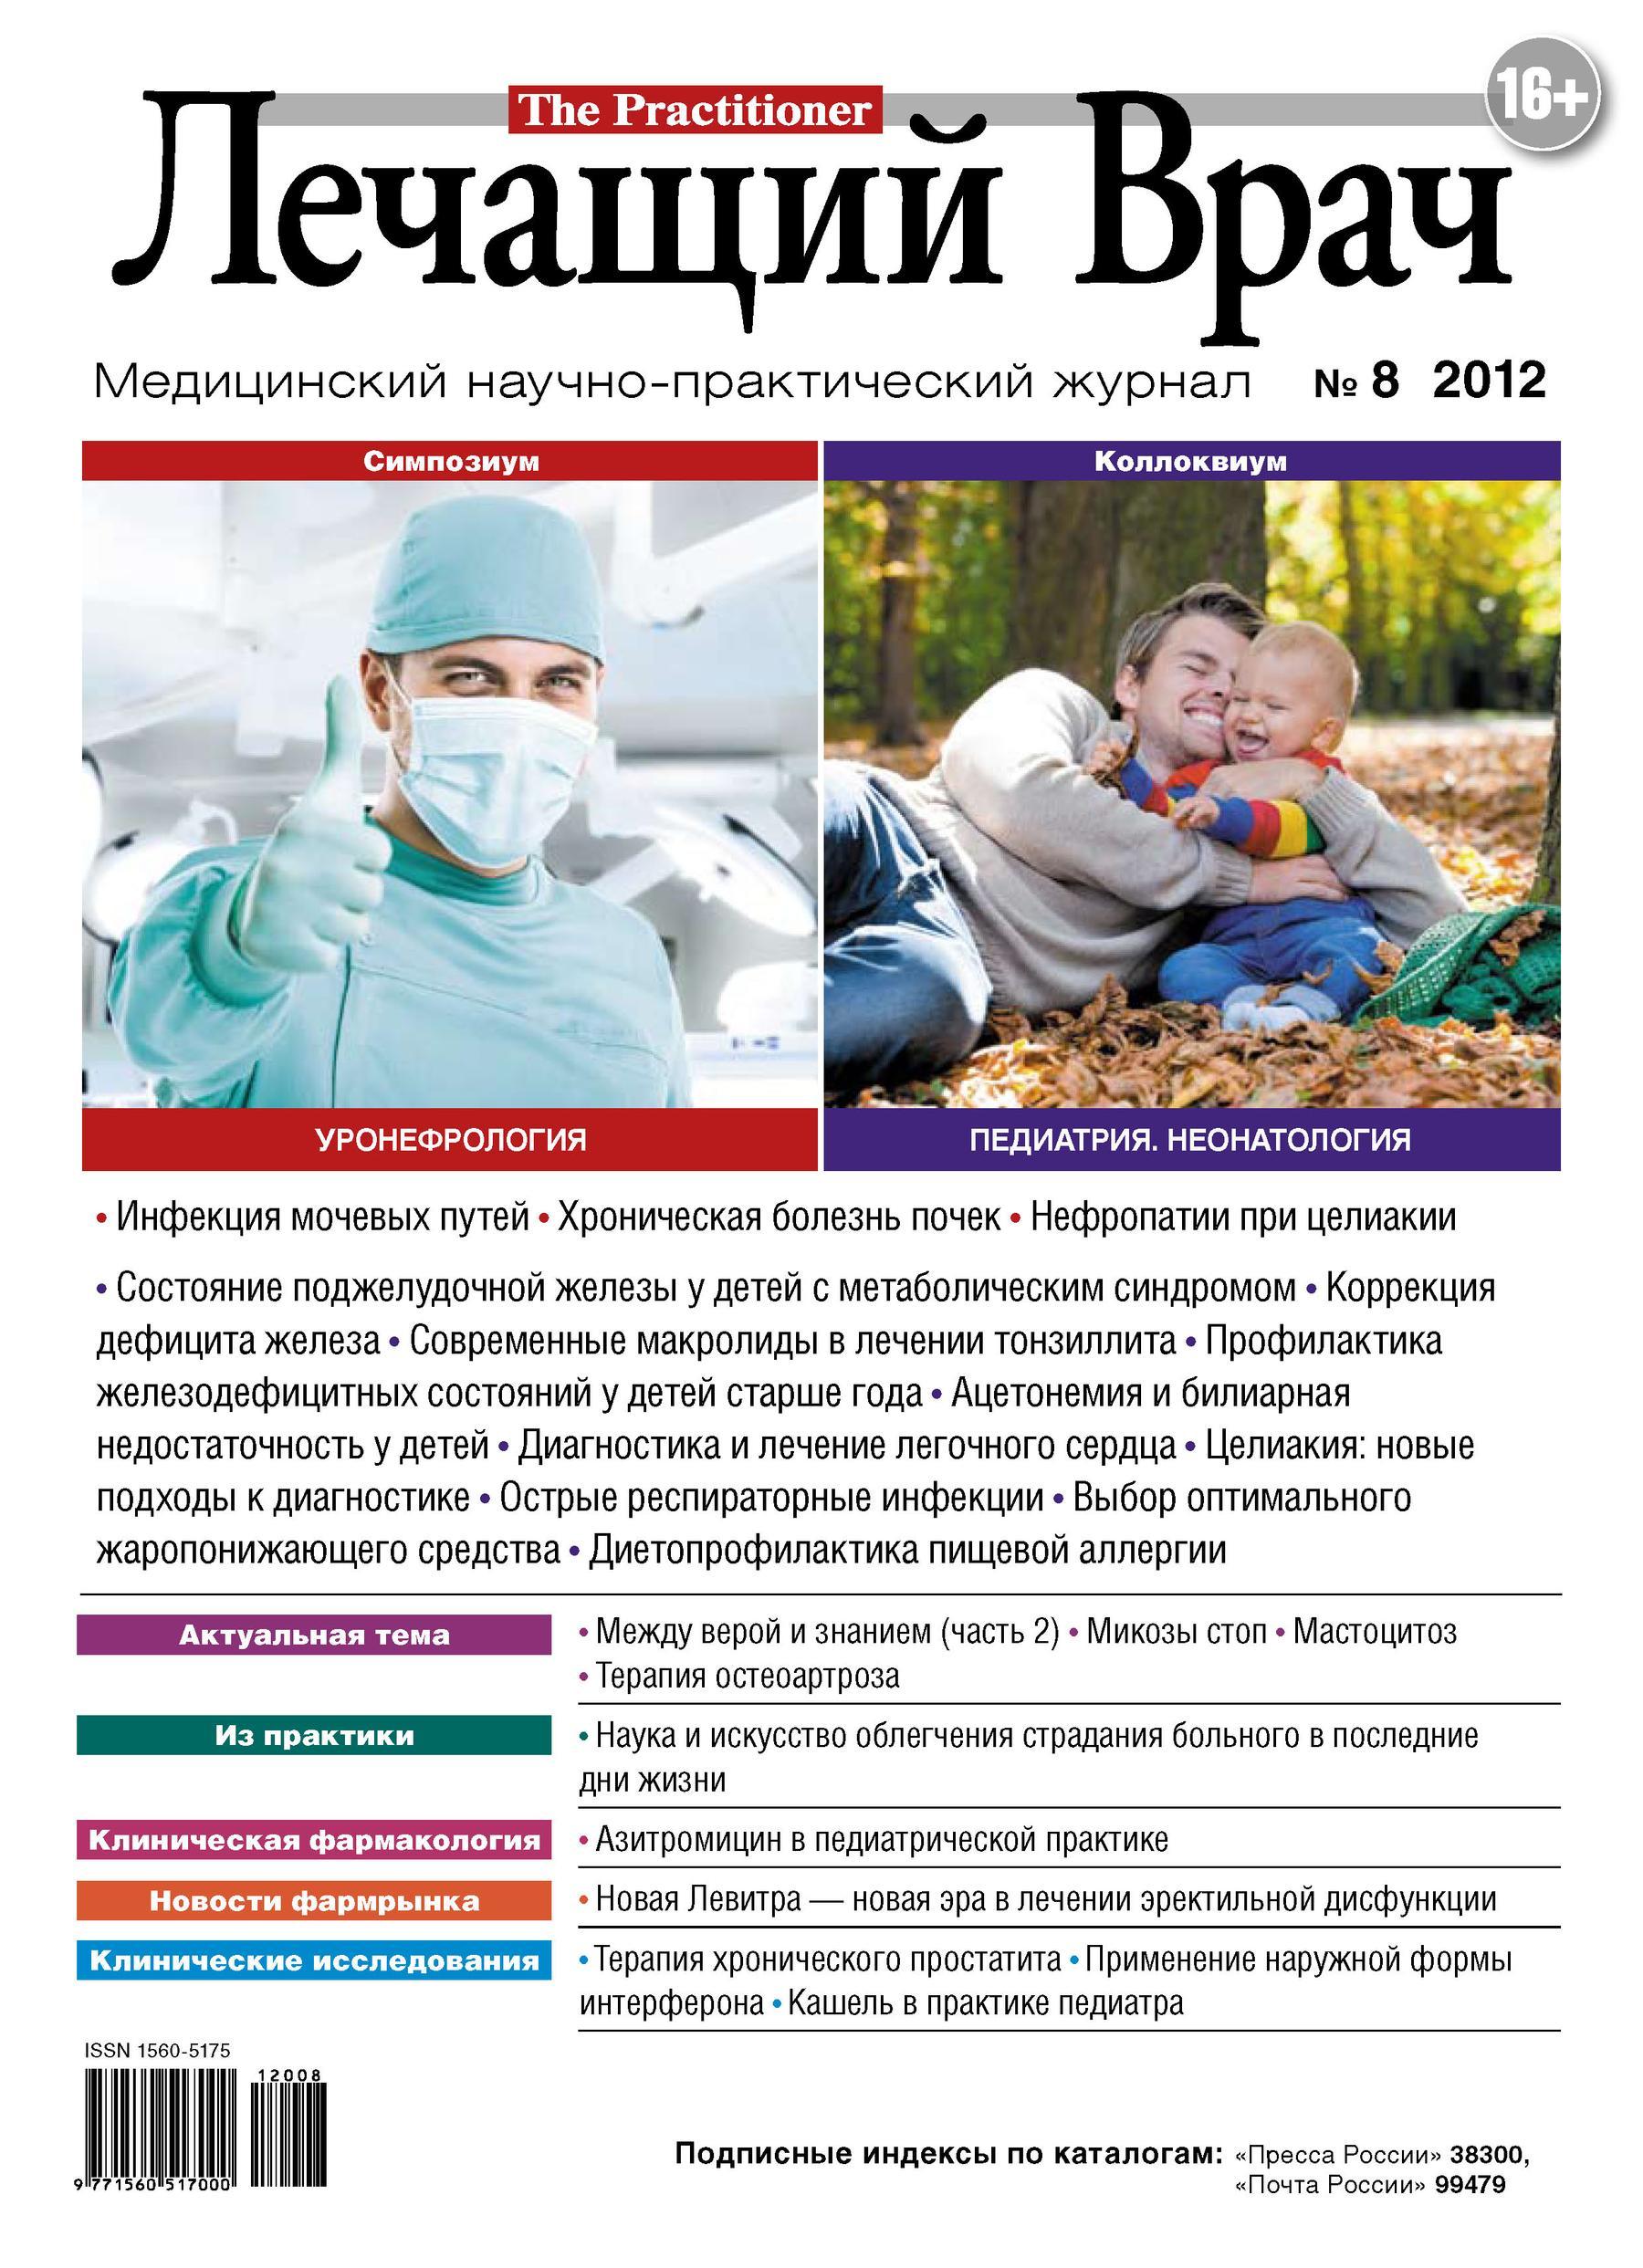 Открытые системы Журнал «Лечащий Врач» №08/2012